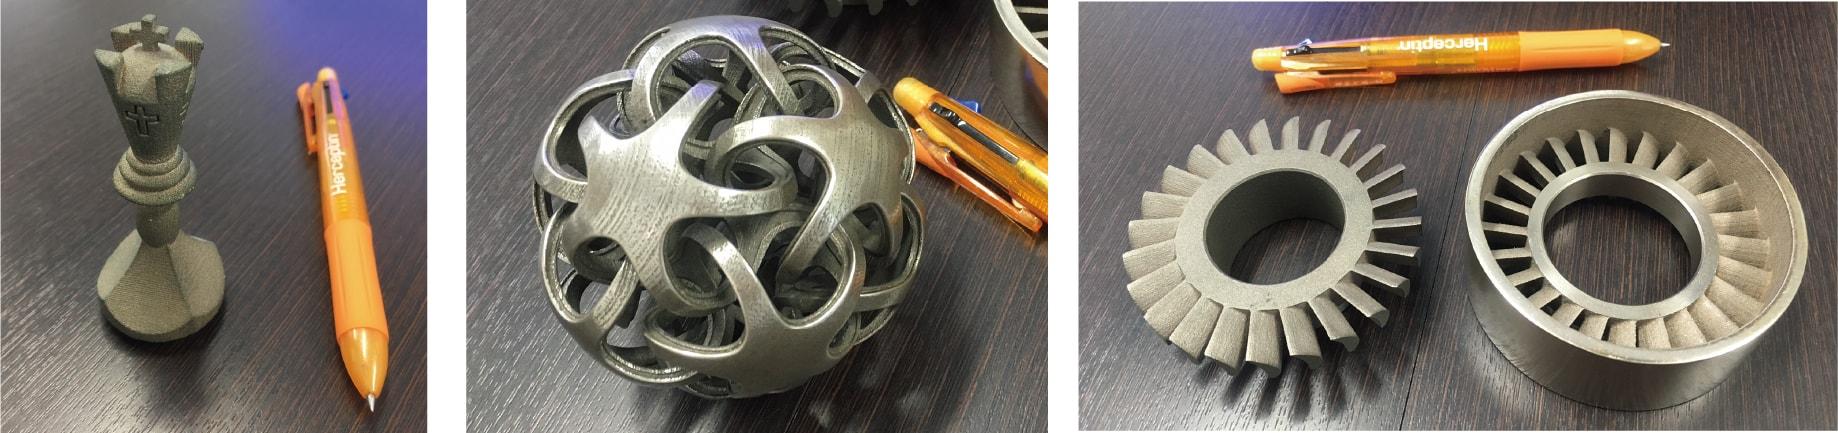 3D金属積層造型画像